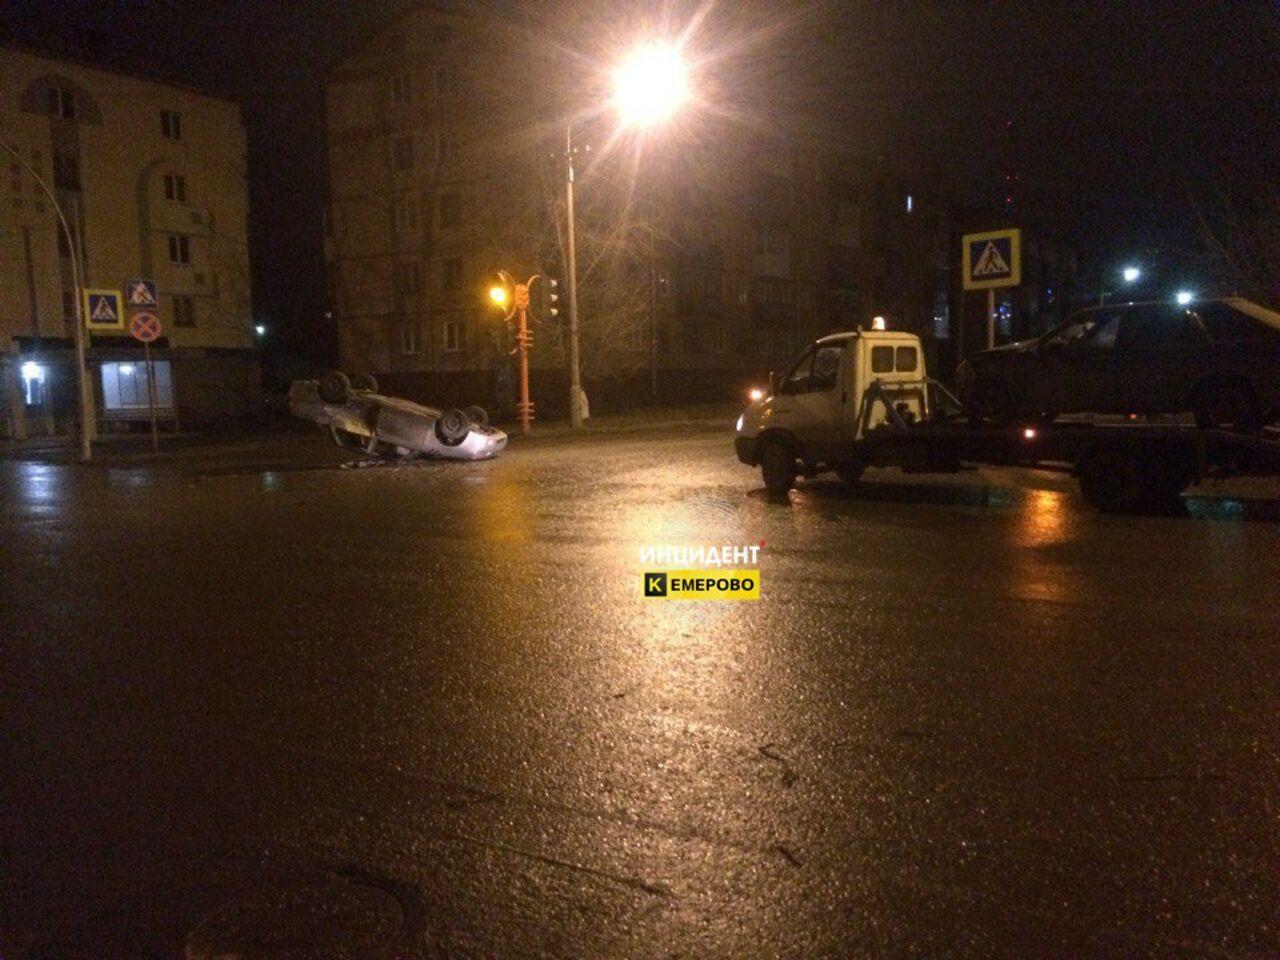 Жесткое ДТП случилось ночью вКемерове: такси перевернуло накрышу